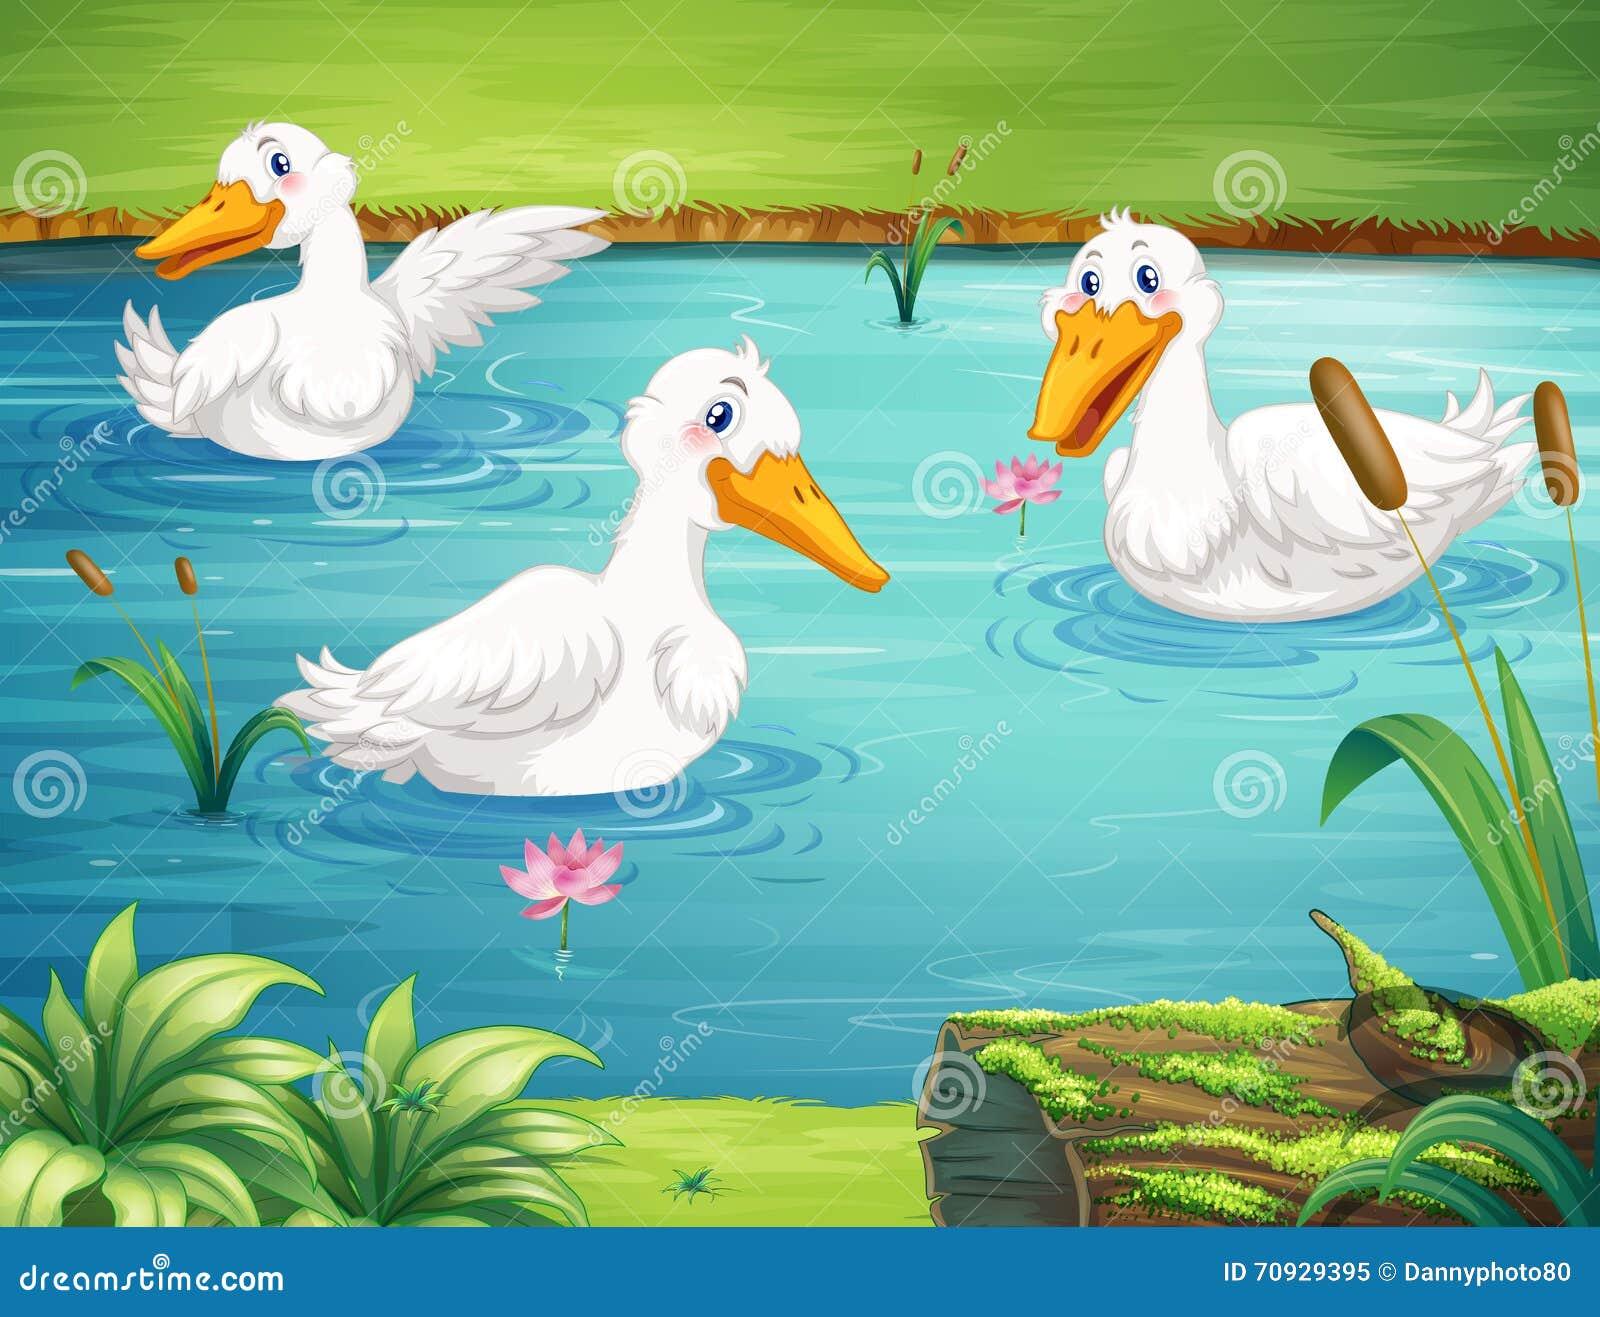 Drei Enten, die im Teich schwimmen